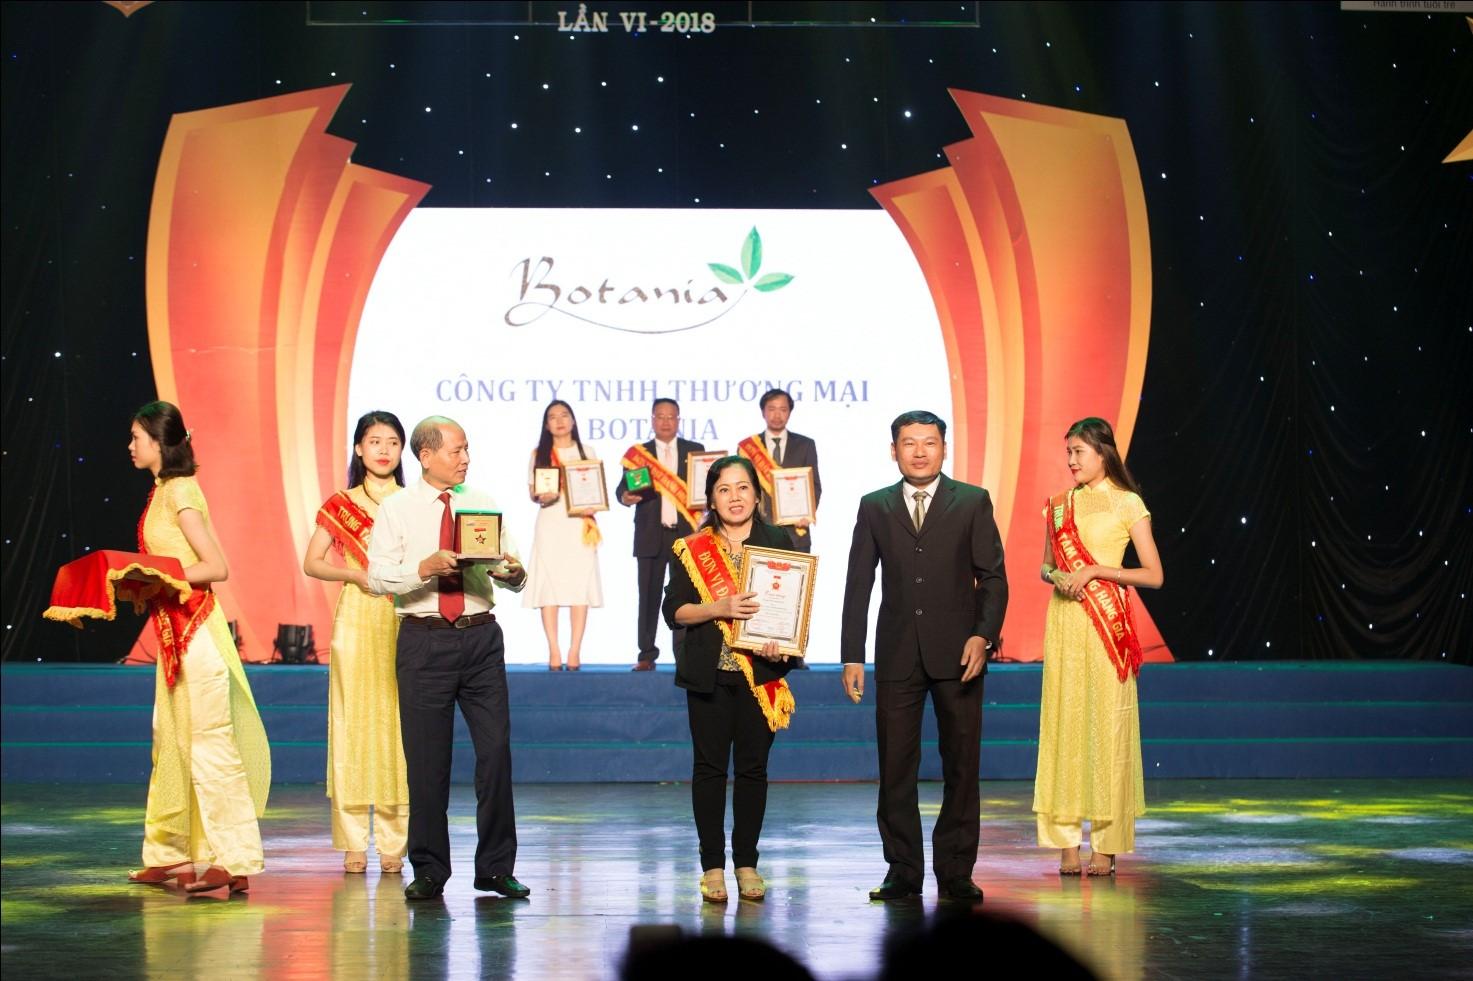 Botania – 10 năm tình yêu bền vững với sức khỏe người Việt - Ảnh 7